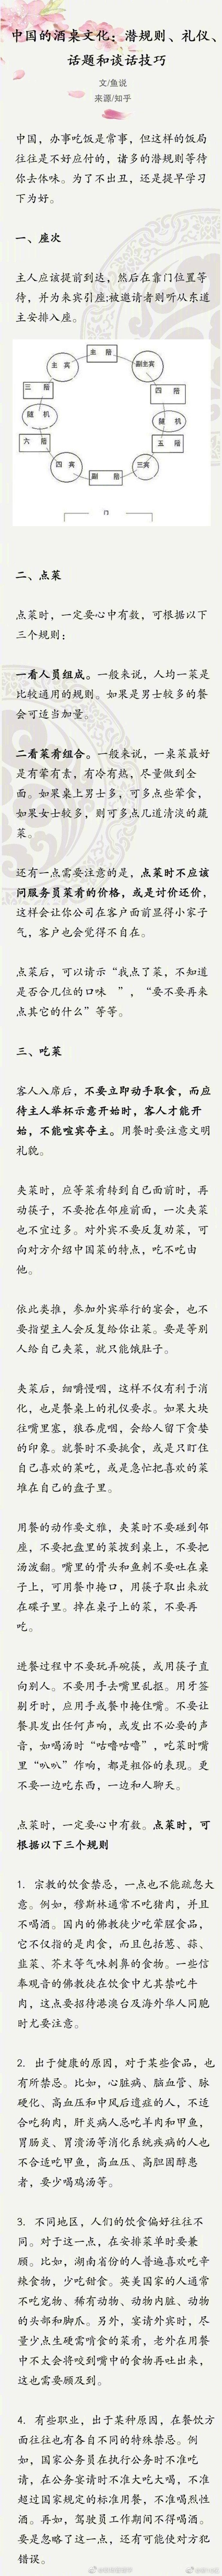 中国的酒桌文化,潜规则,谈话技巧…